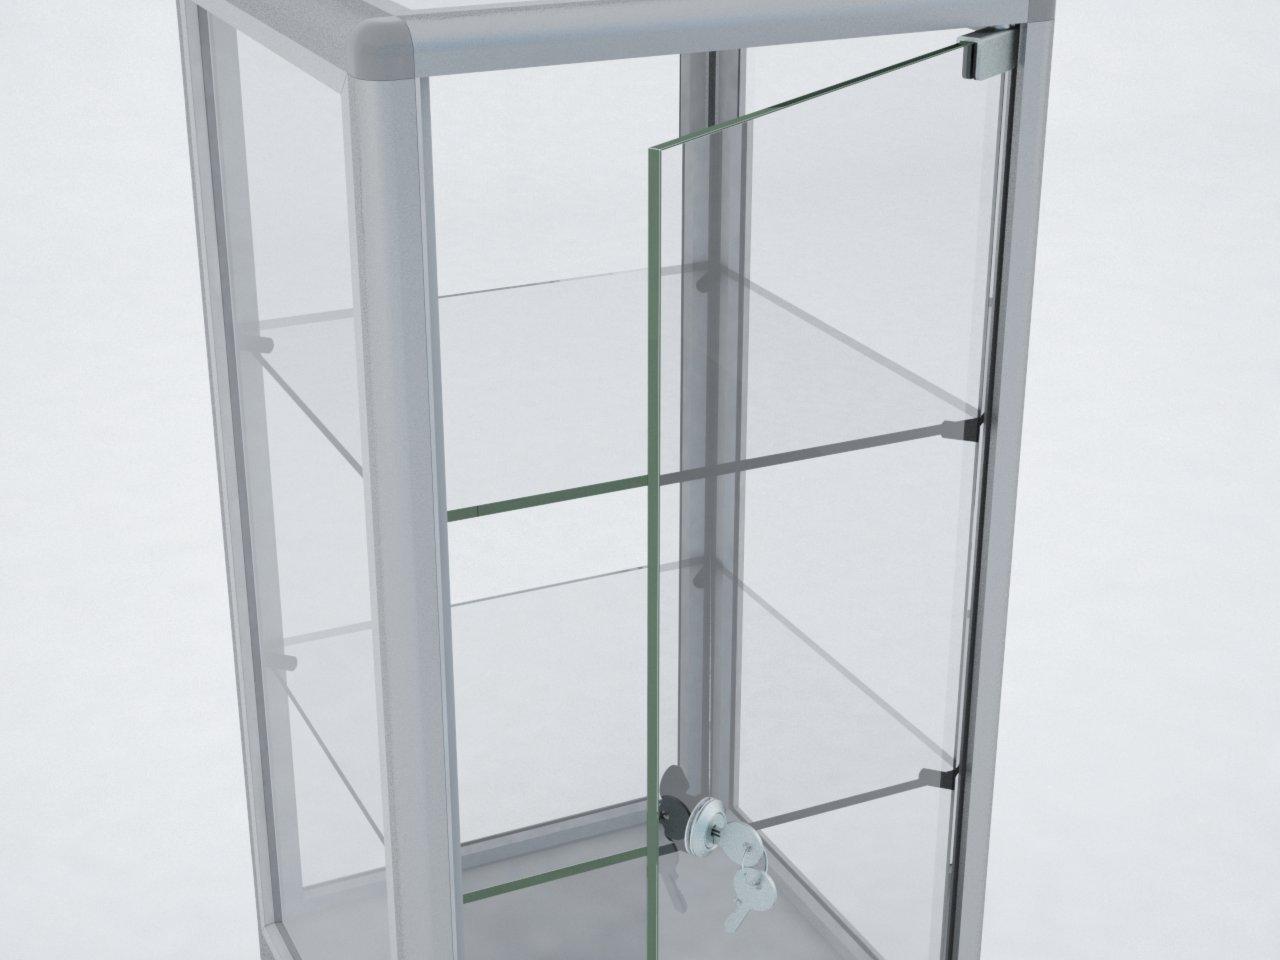 Detalhe da porta articulada para vitrine em vidro fixada aos perfis de alumínio do Sistema Pedrosa